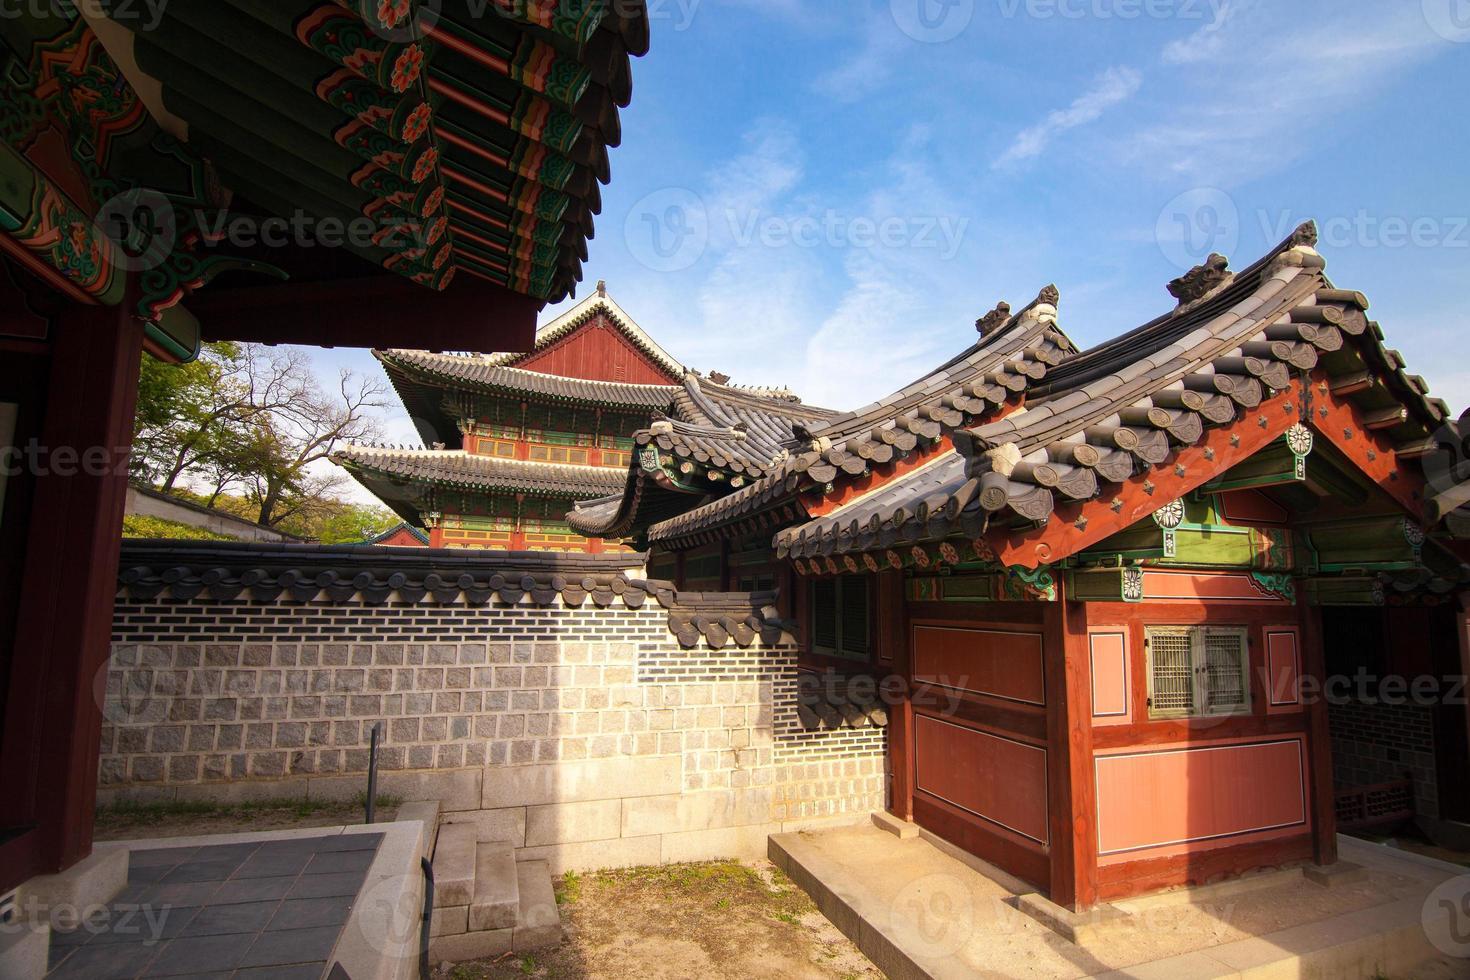 traditionelle koreanische häuser im changdeokgung palast in seoul, korea foto